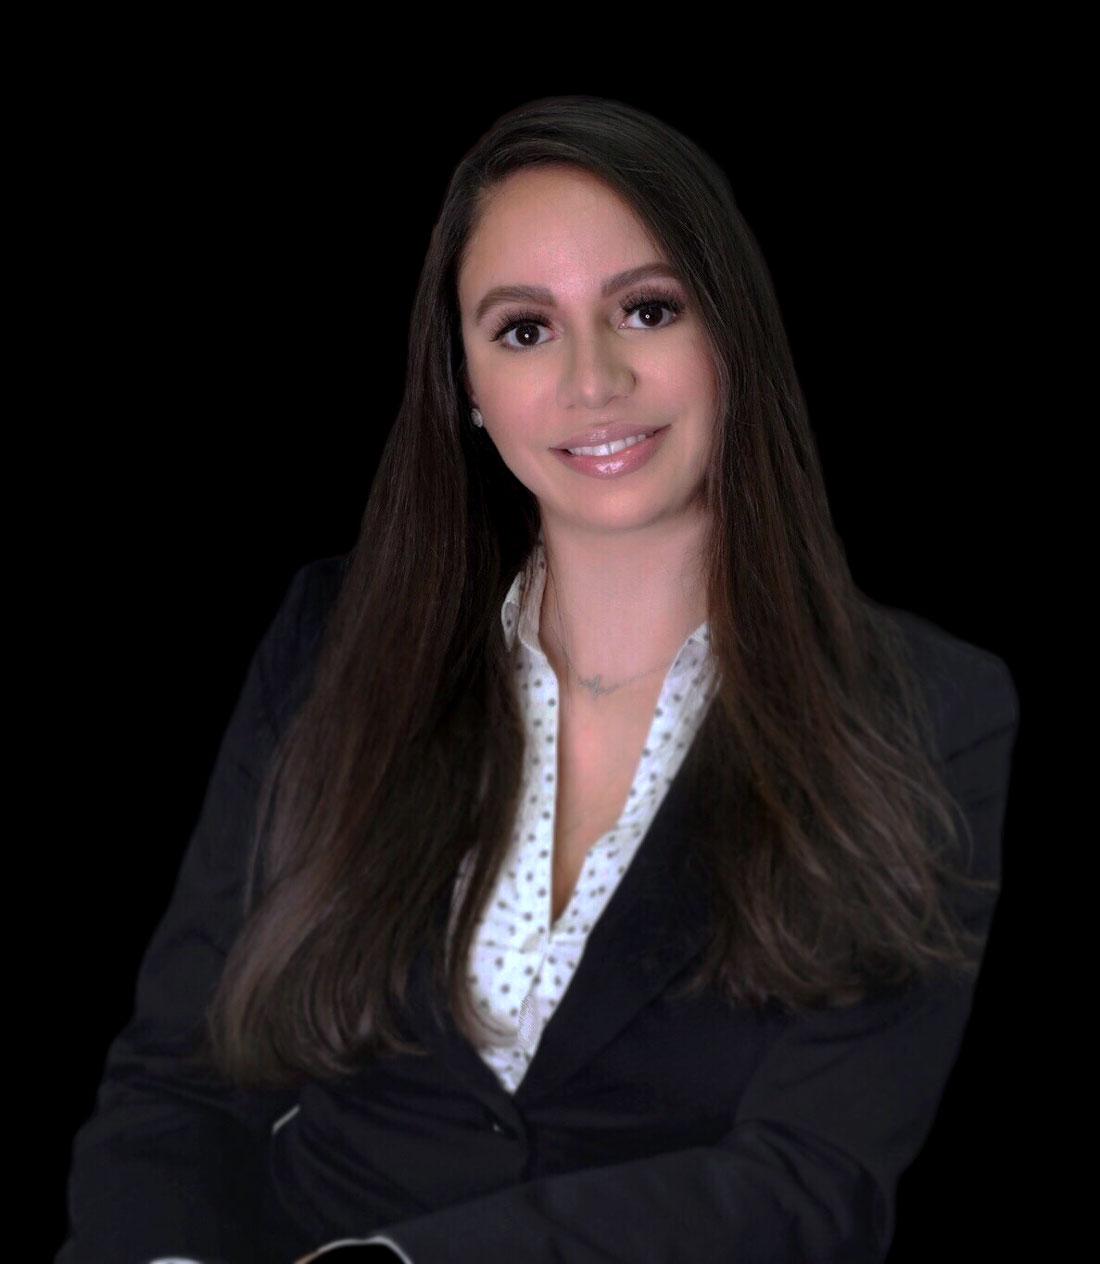 Rachel Batista